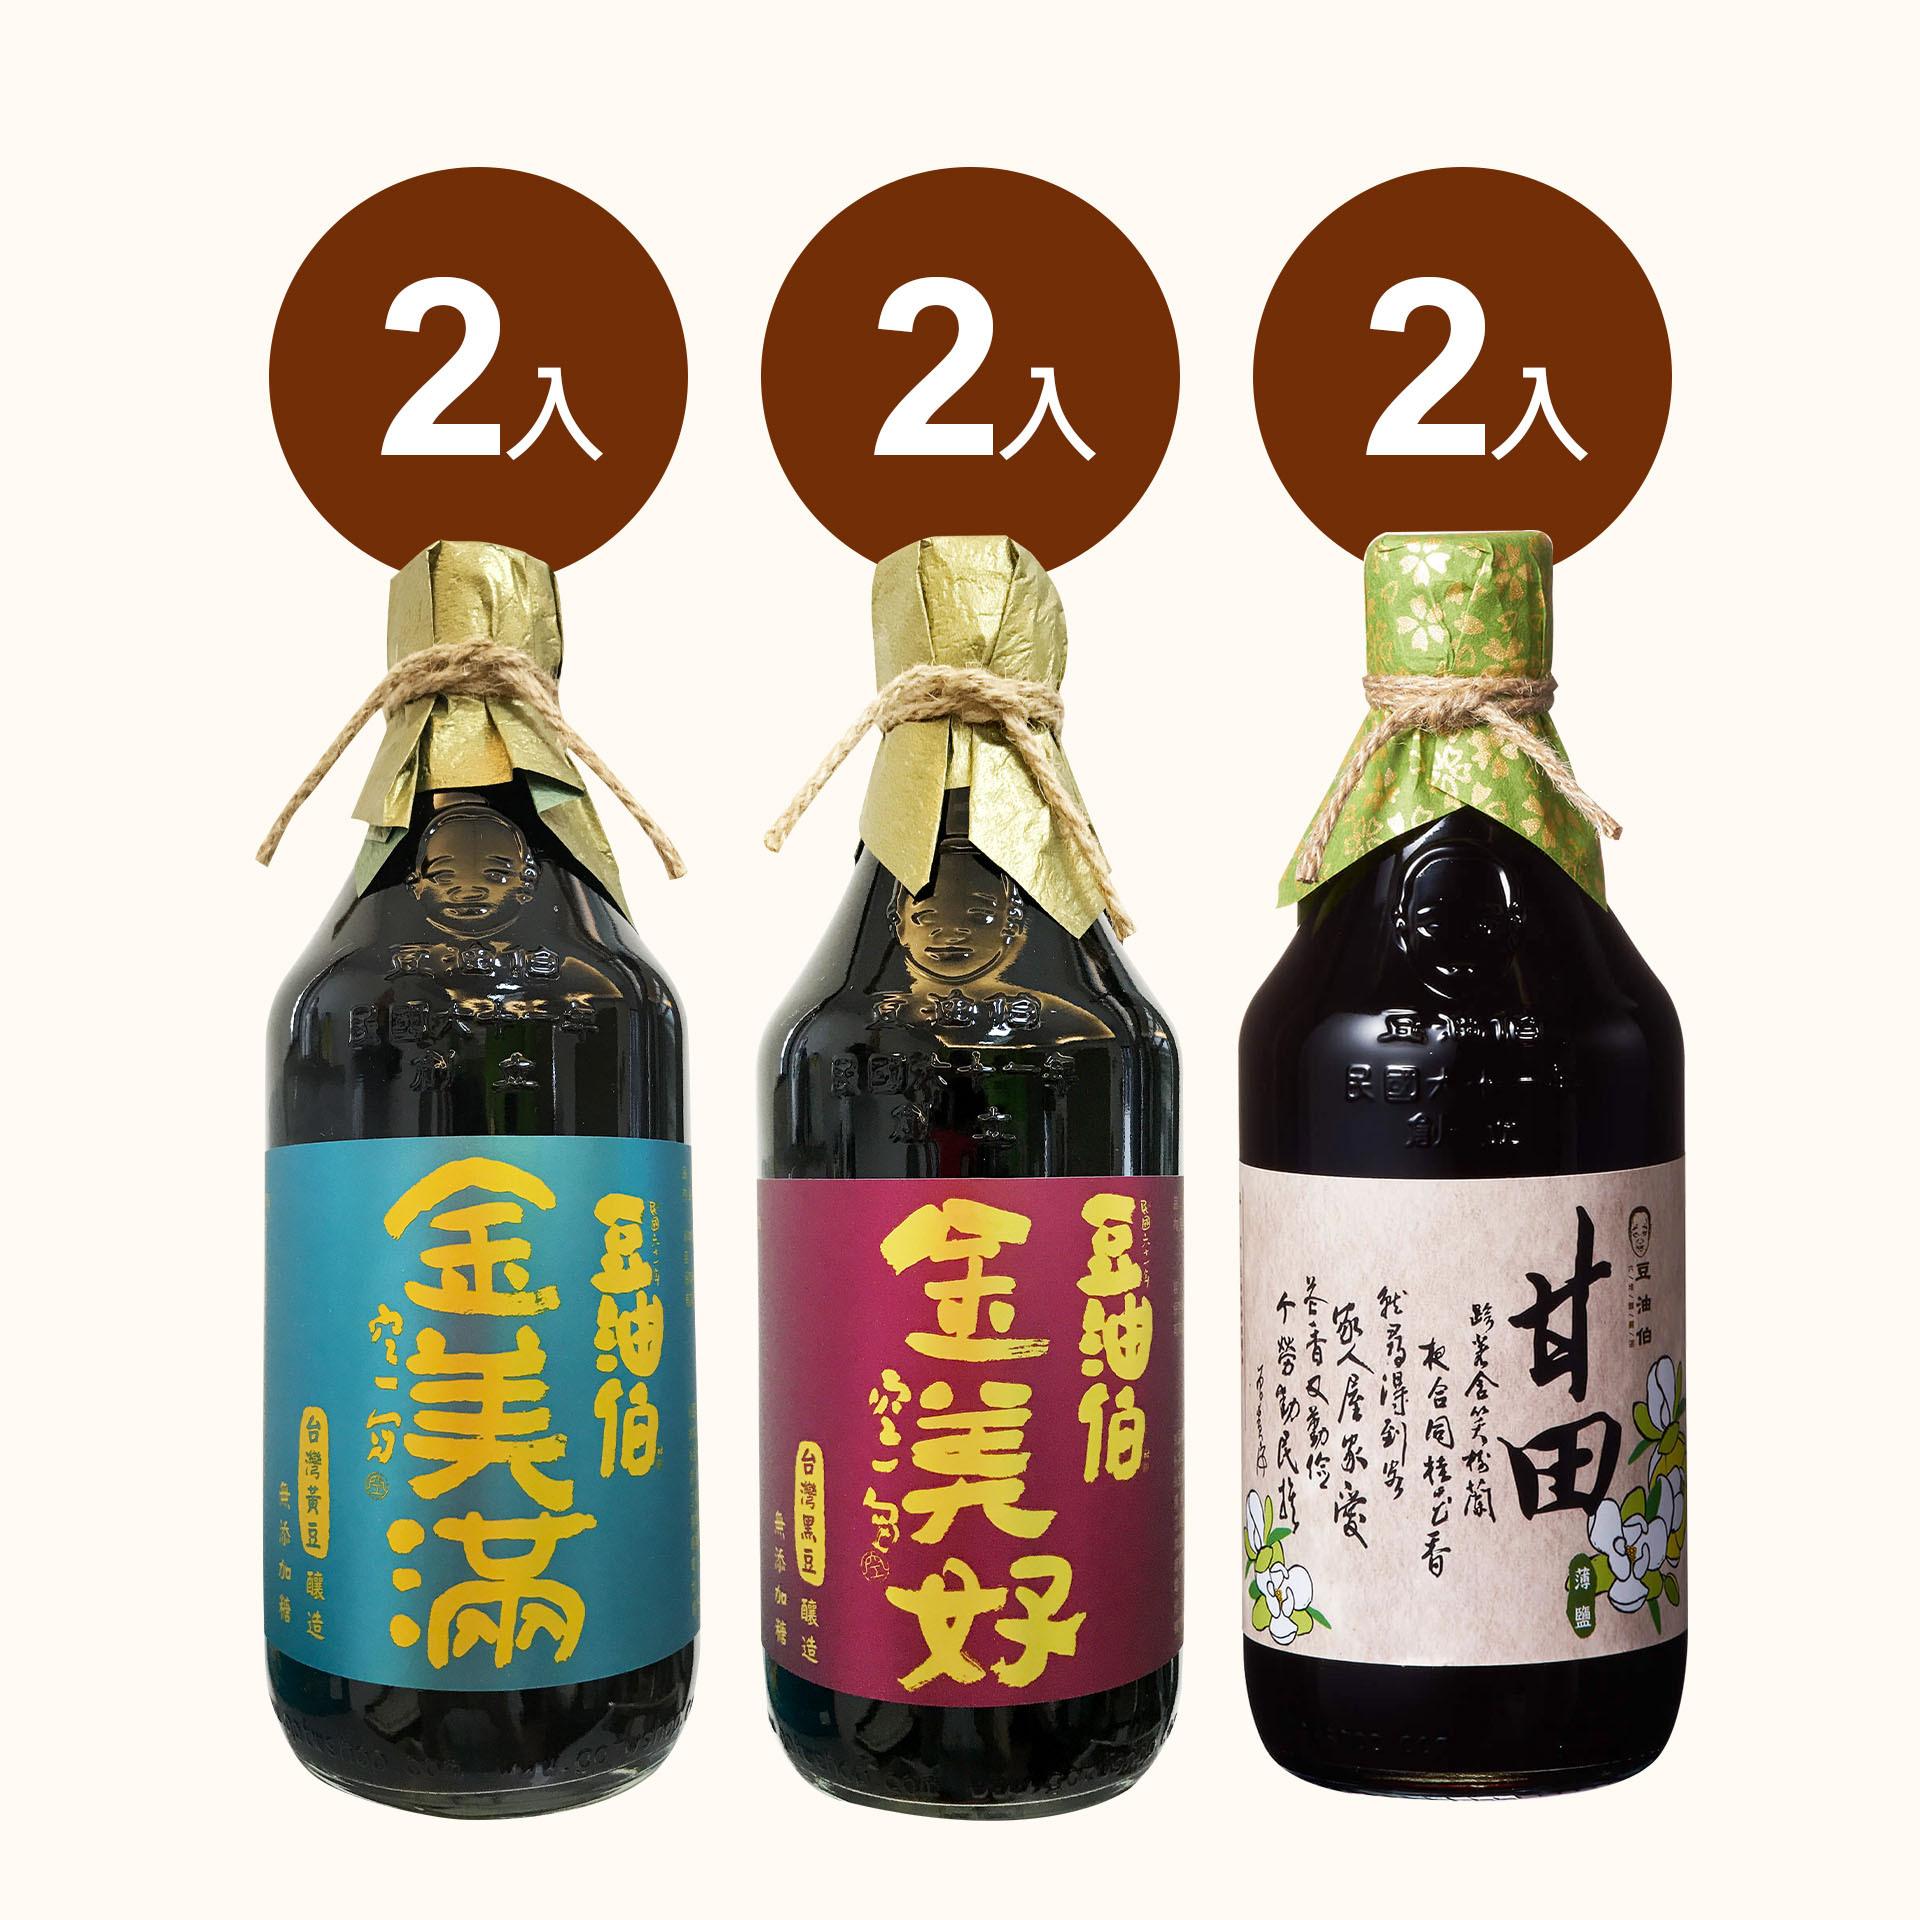 金美好醬油2入+金美滿醬油2入+甘田醬油2入(2組共6入)